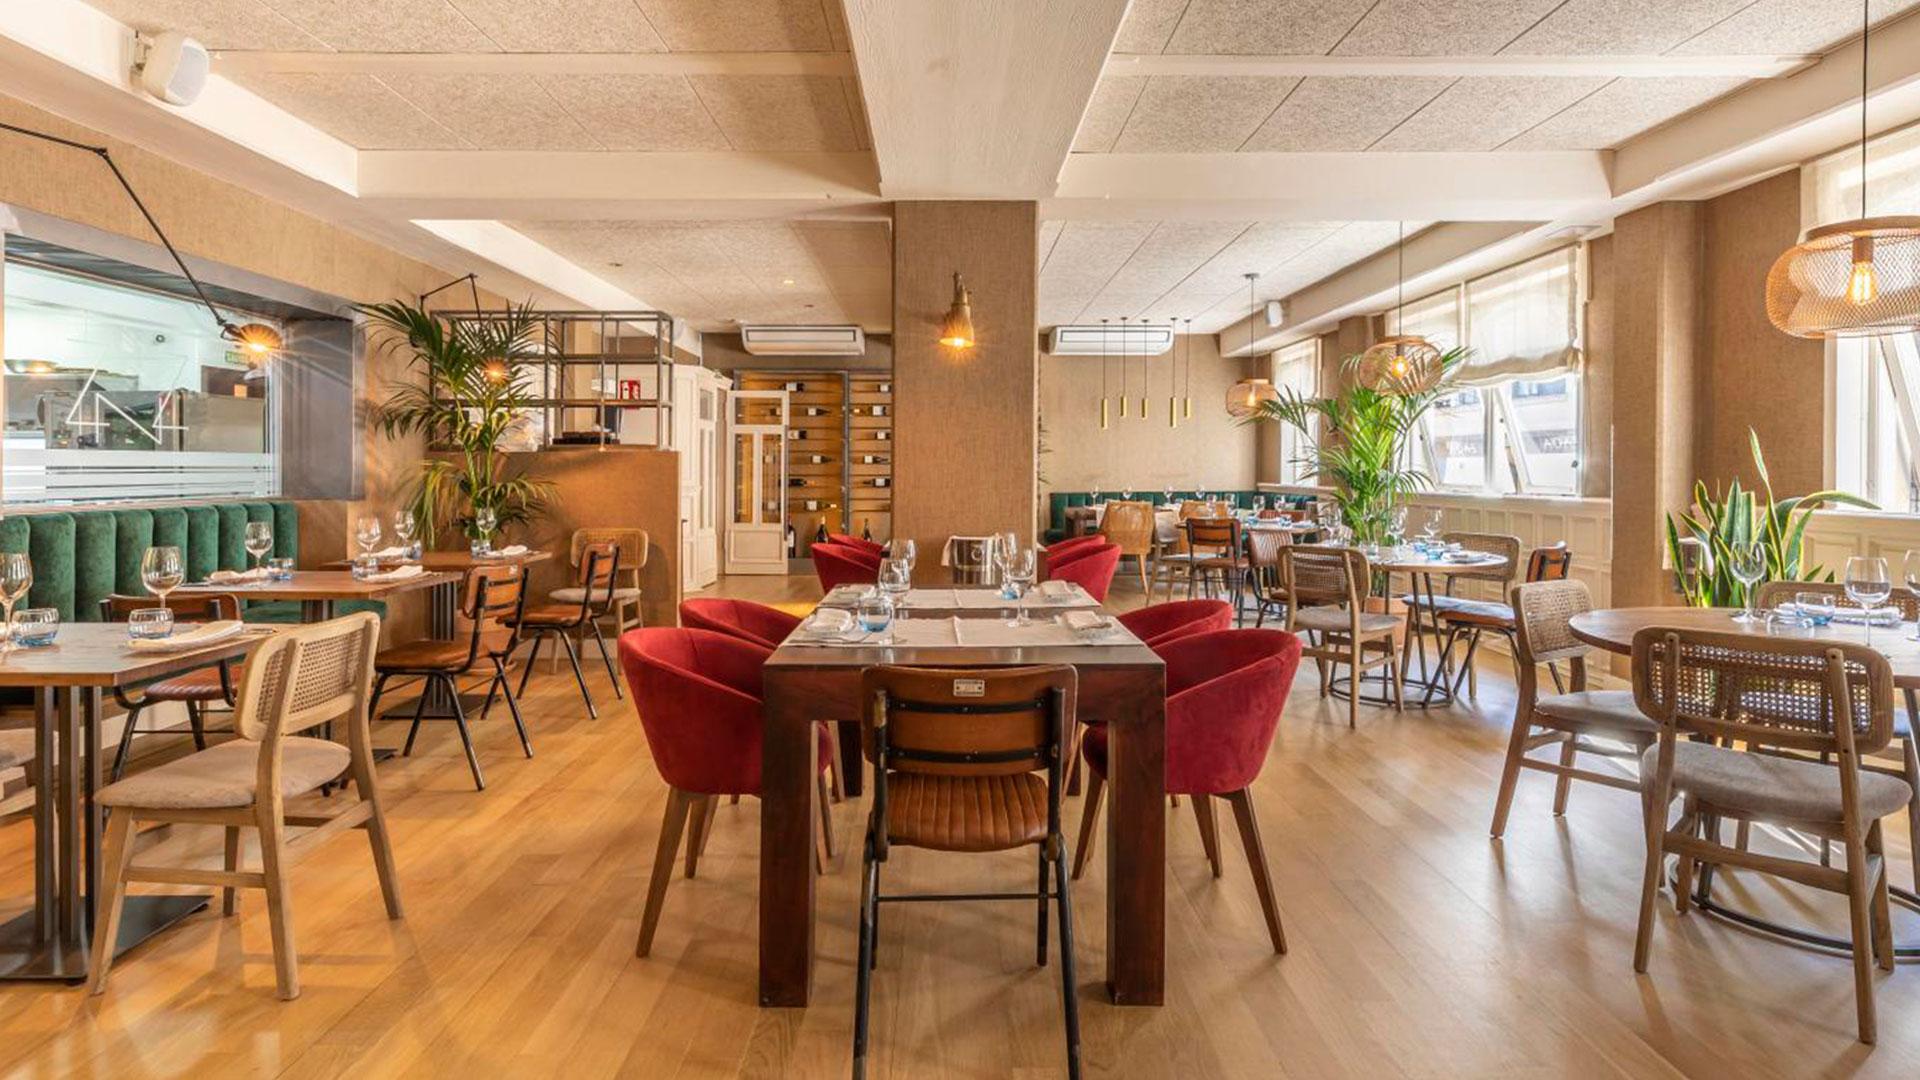 Imagen del restaurante Zaga